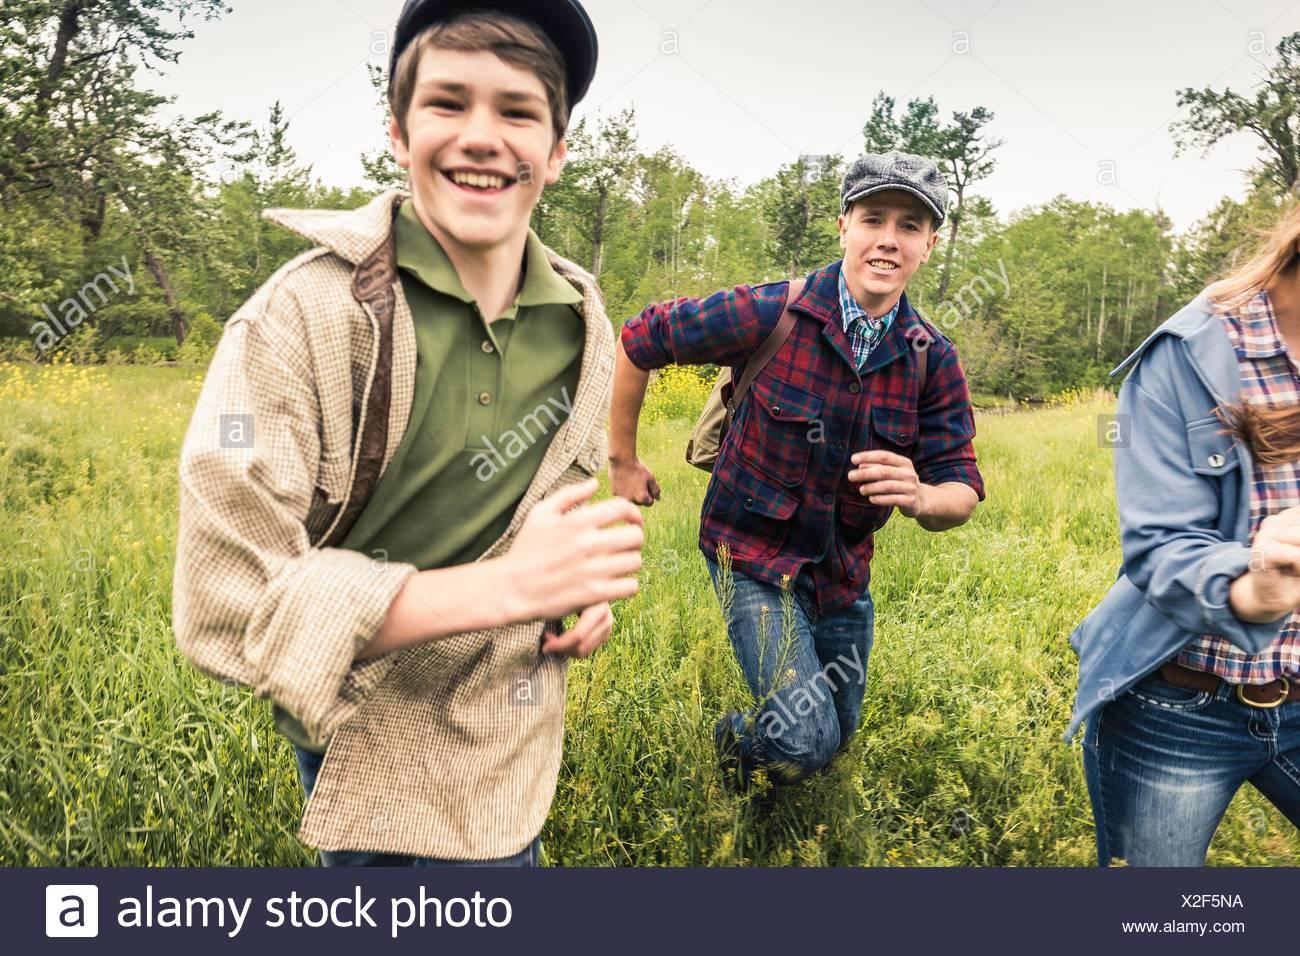 Junge Erwachsene und teenboy trägt Schiebermütze läuft in hohe Gräser, Blick auf die Kamera zu Lächeln Stockbild